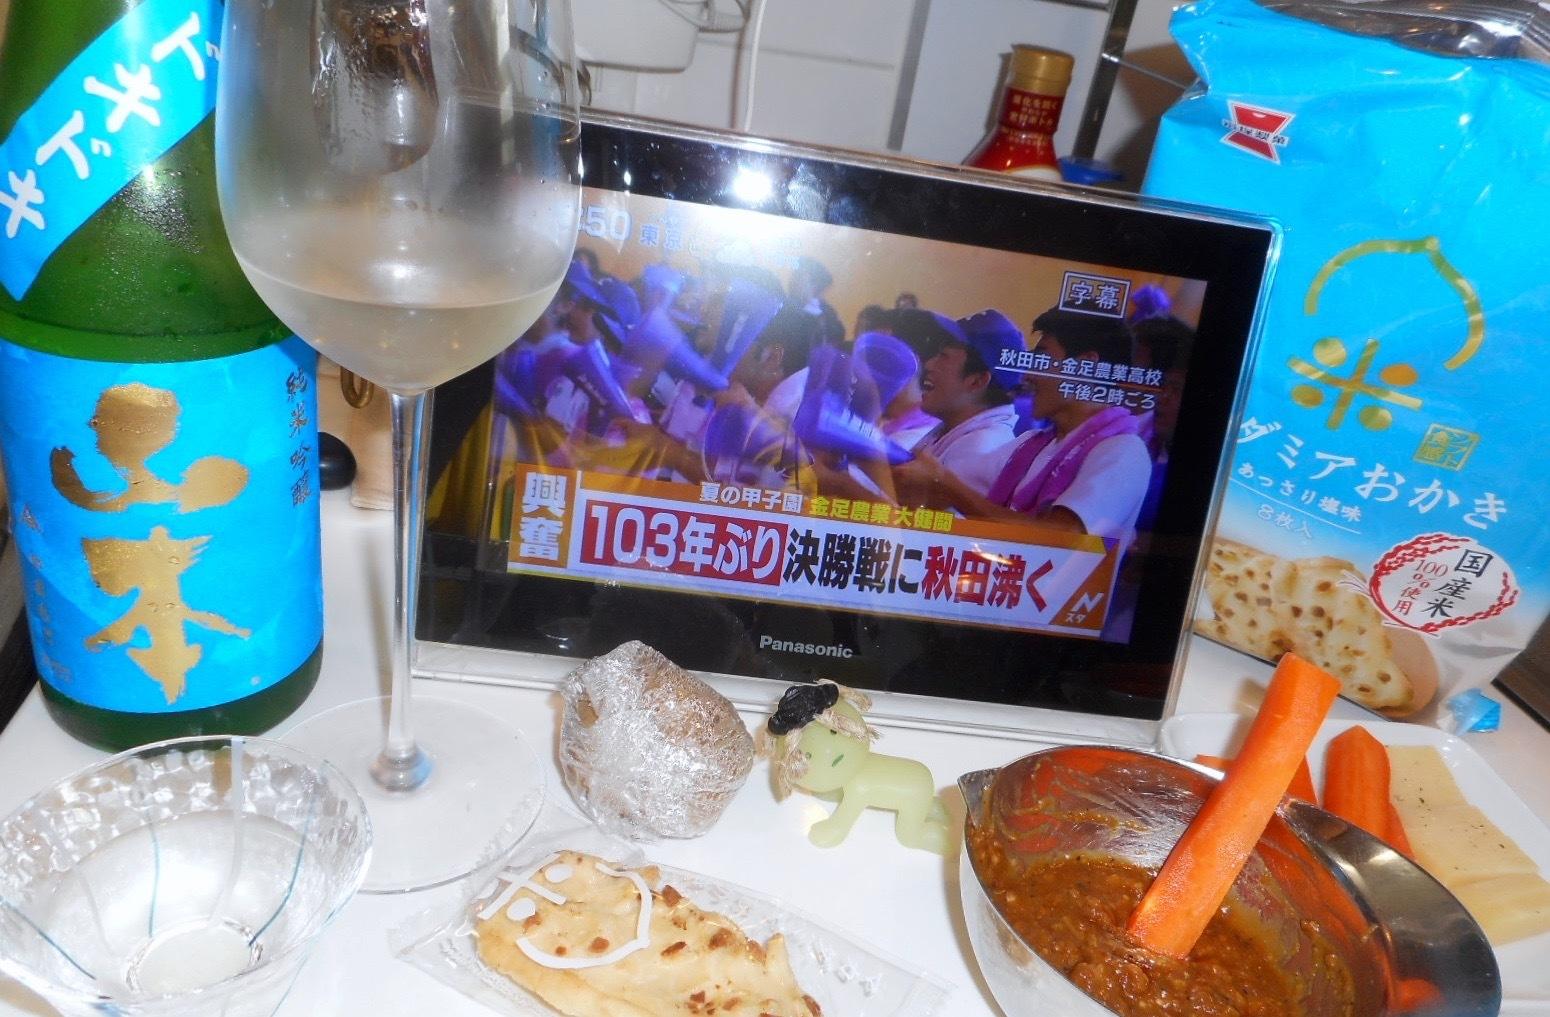 yamamoto_dokidoki29by4.jpg